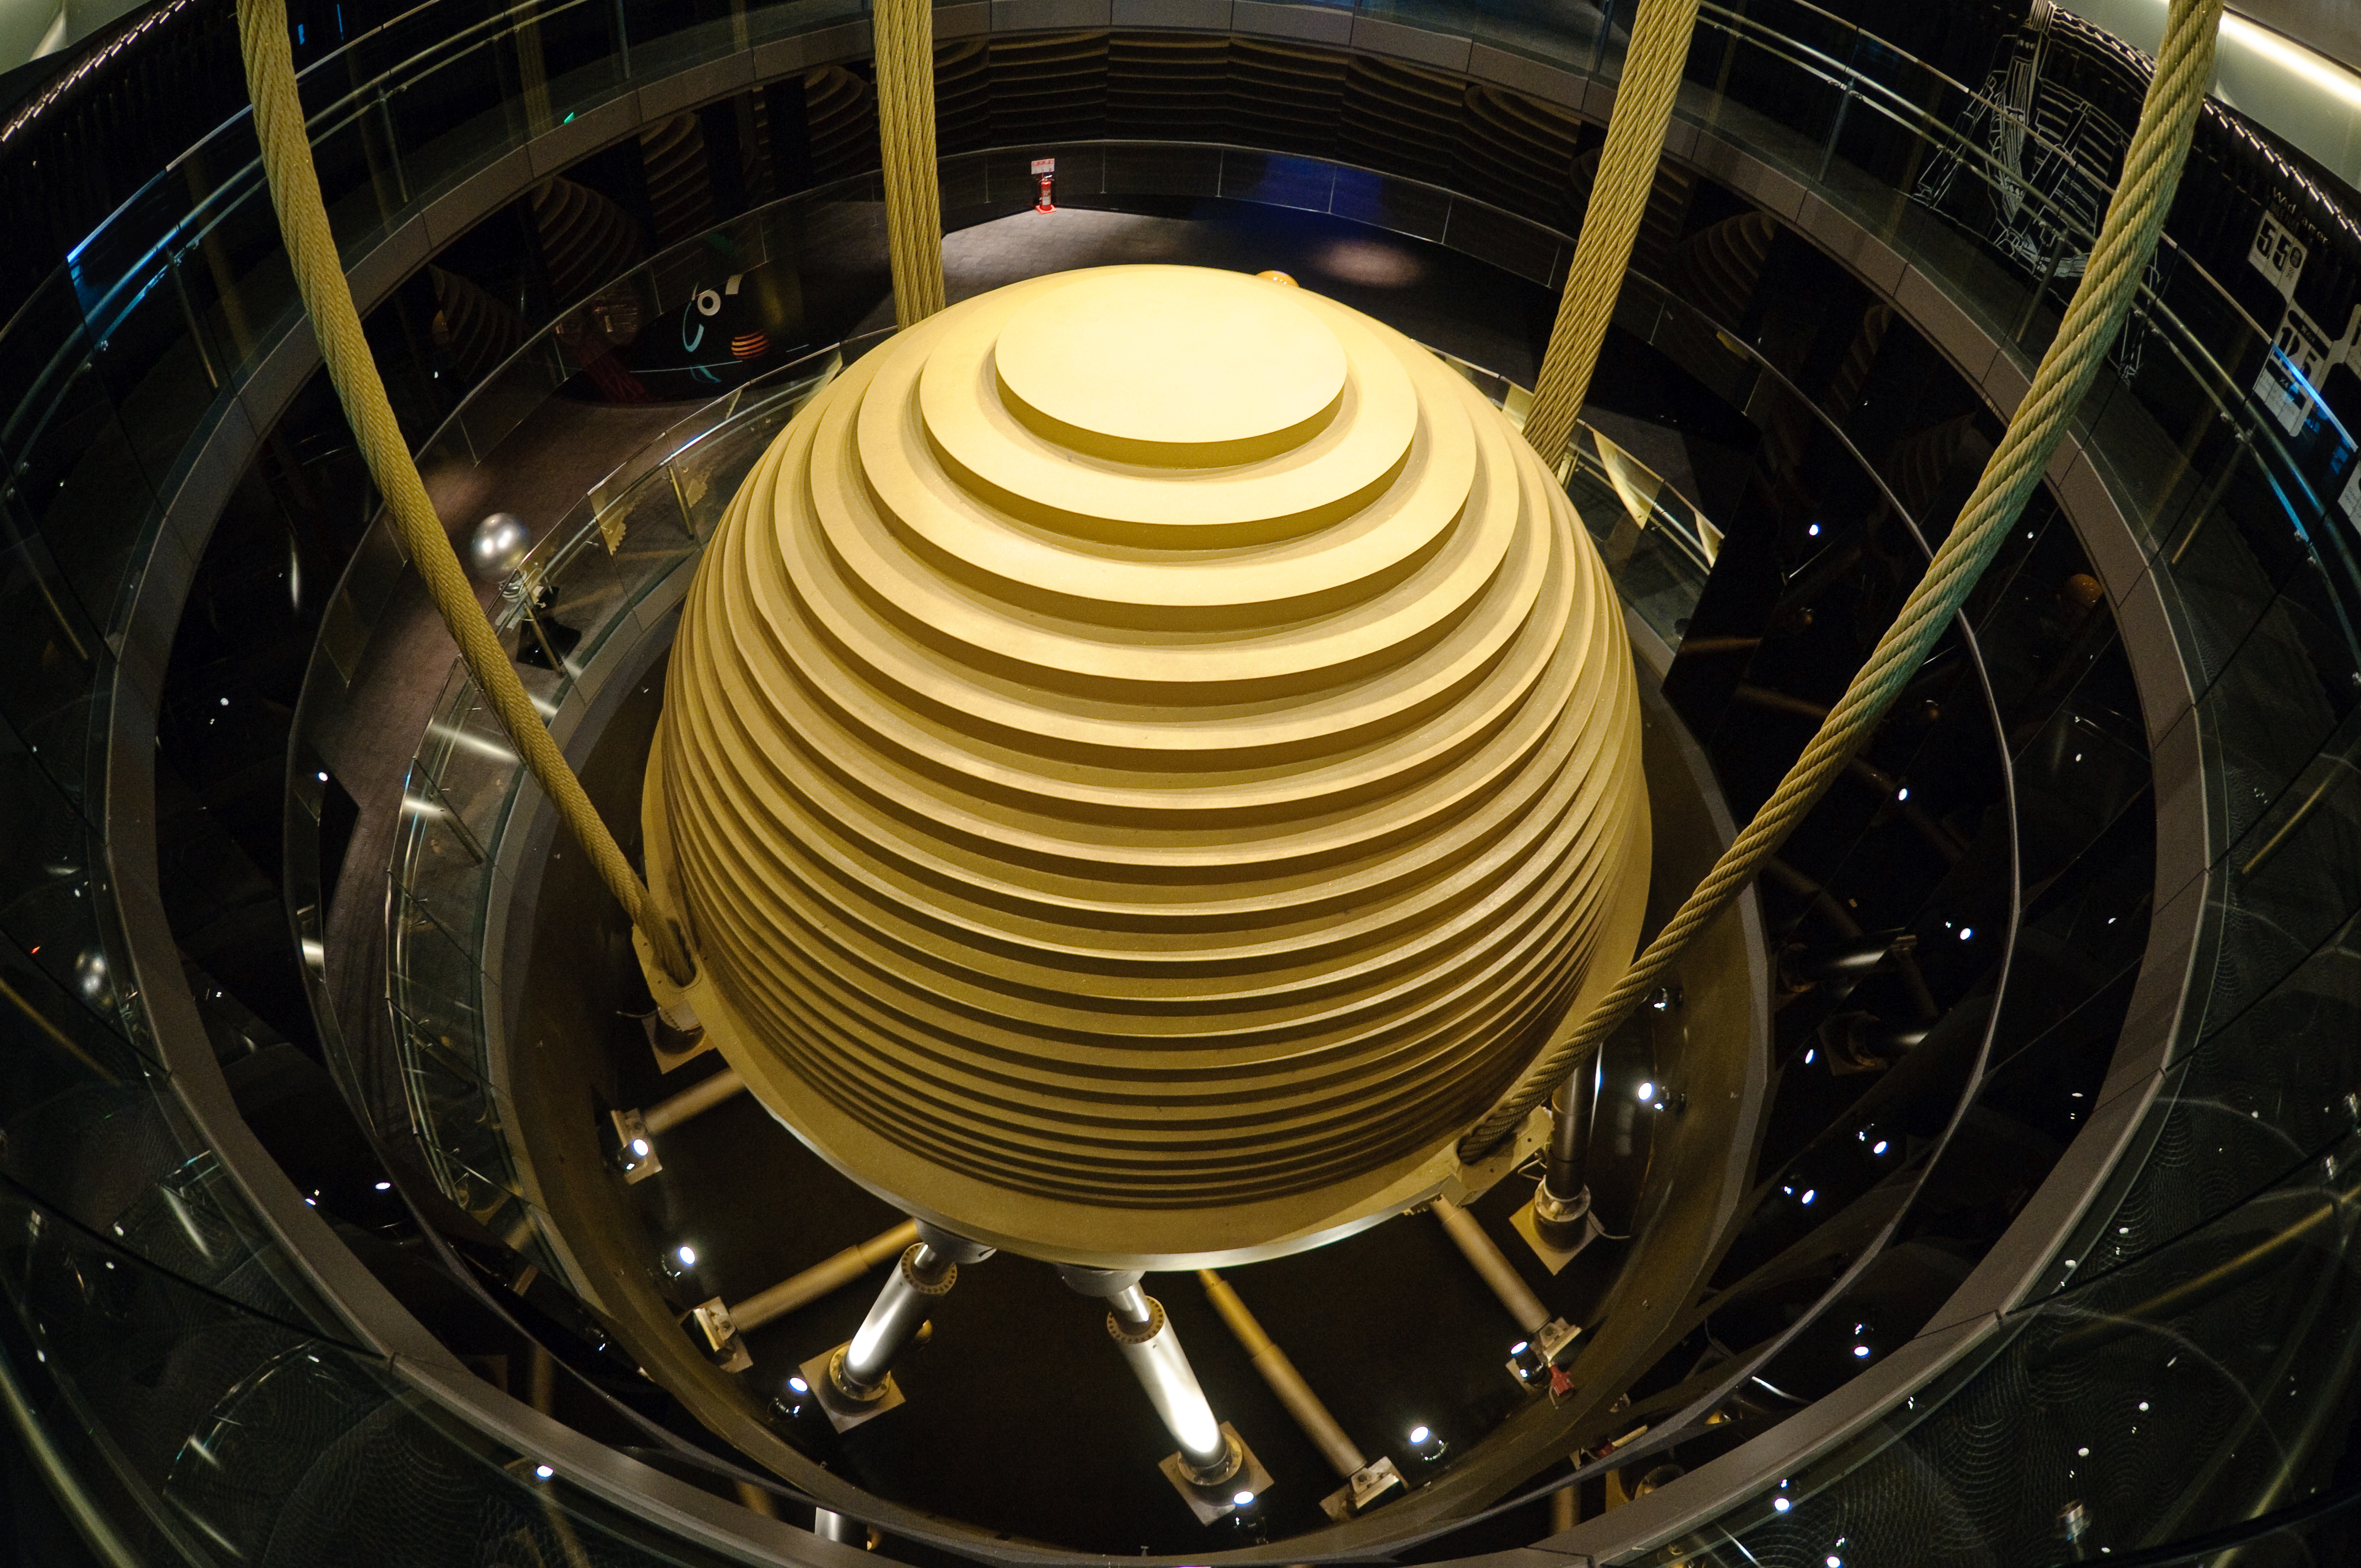 고층부의 흔들림을 제어하는 타이페이 101의 동조질량댐퍼 강철공(댐퍼)은 타이페이 101의 최대 진동치를1/3 이상 줄여주며, 직경 5.5 m, 중량 660톤으로 세계 최대이다.